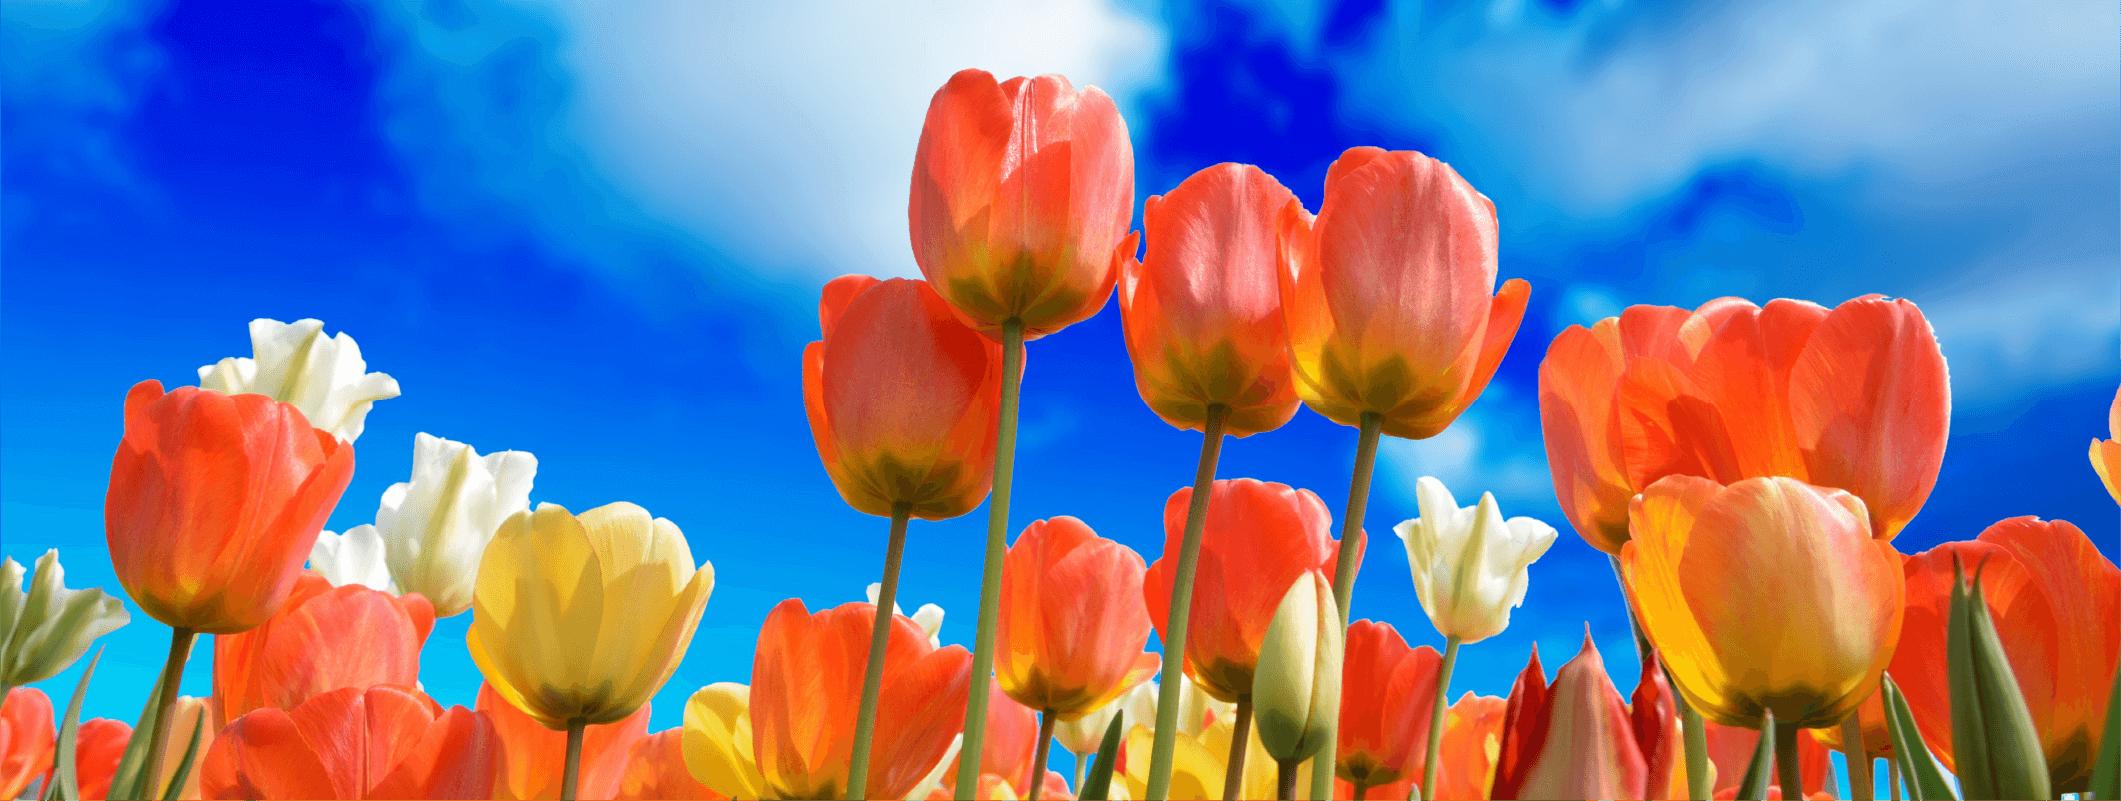 關係花園-關於花園img-學員怎麼說-banner